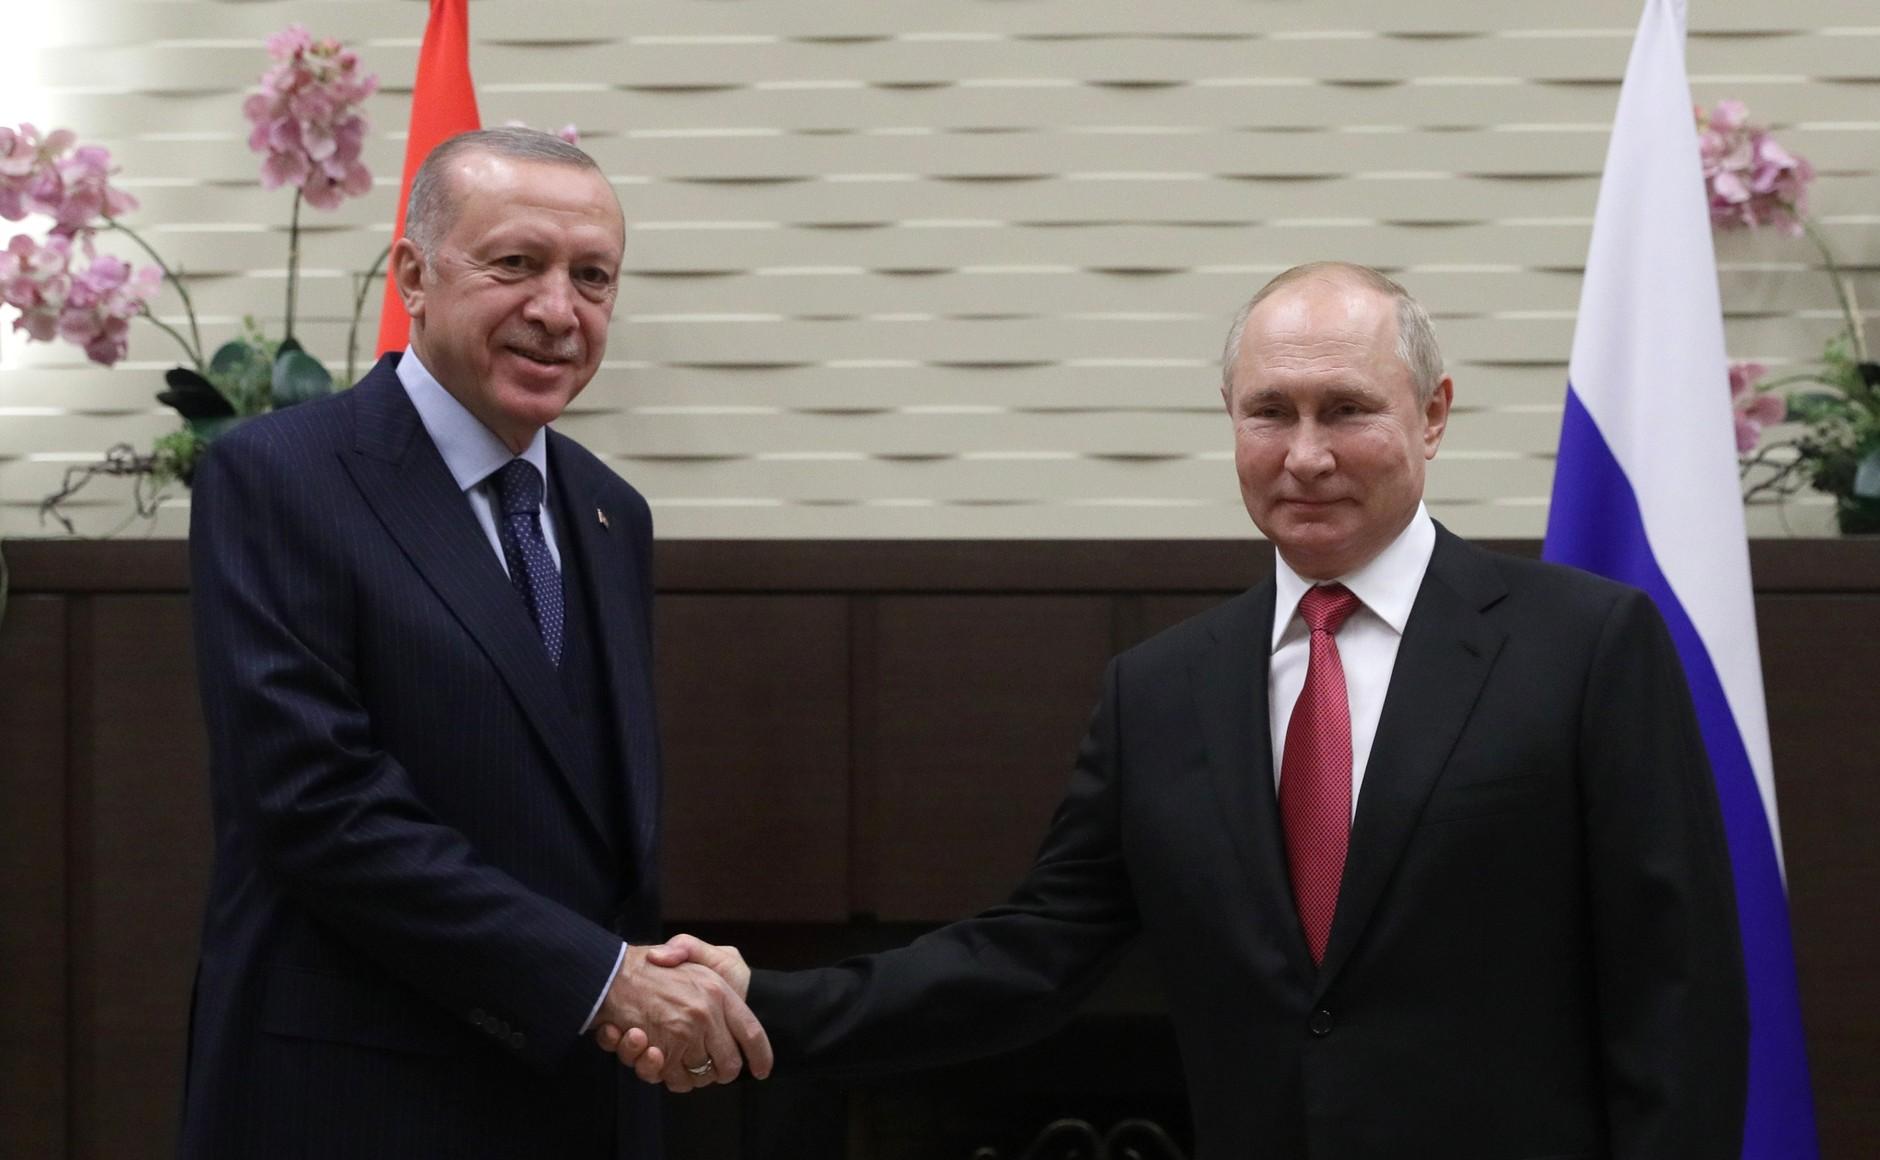 Putin zakończył samoizolację spotkaniem z Erdoganem